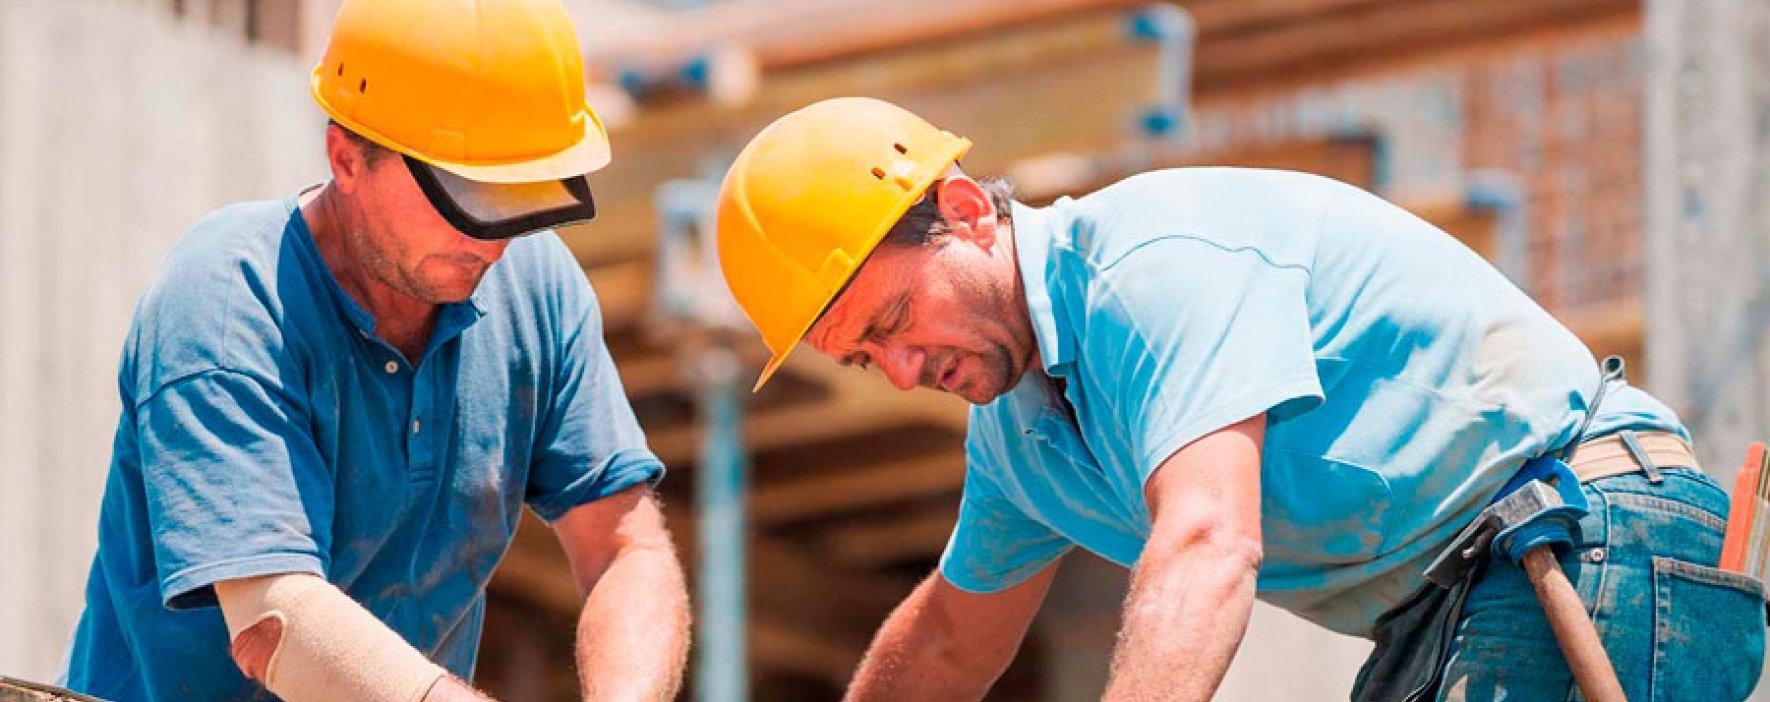 La tasa de empleo ha incrementado gracias a nuevos empleos en la construcción